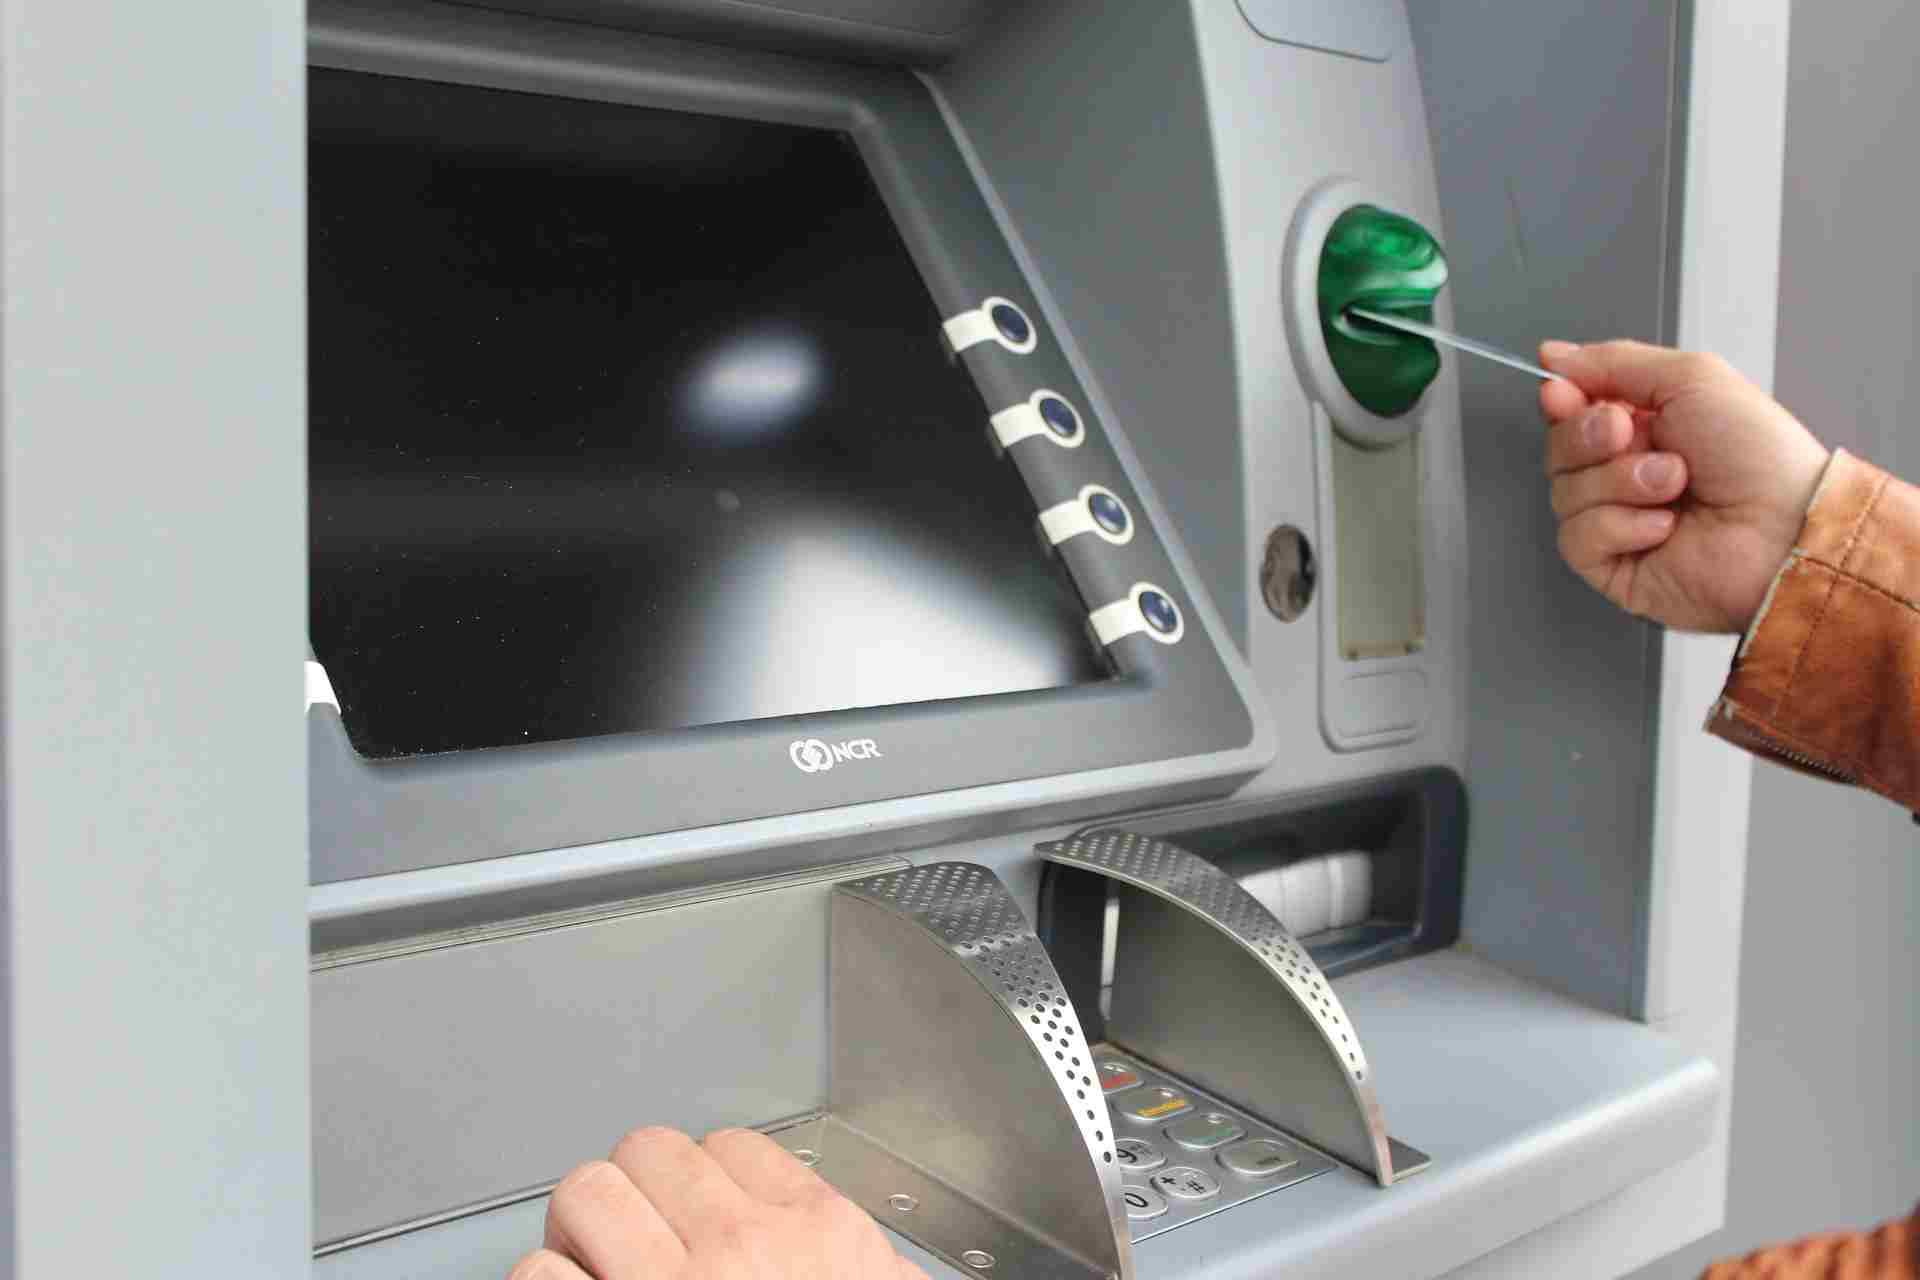 Bitcoin geldautomaat